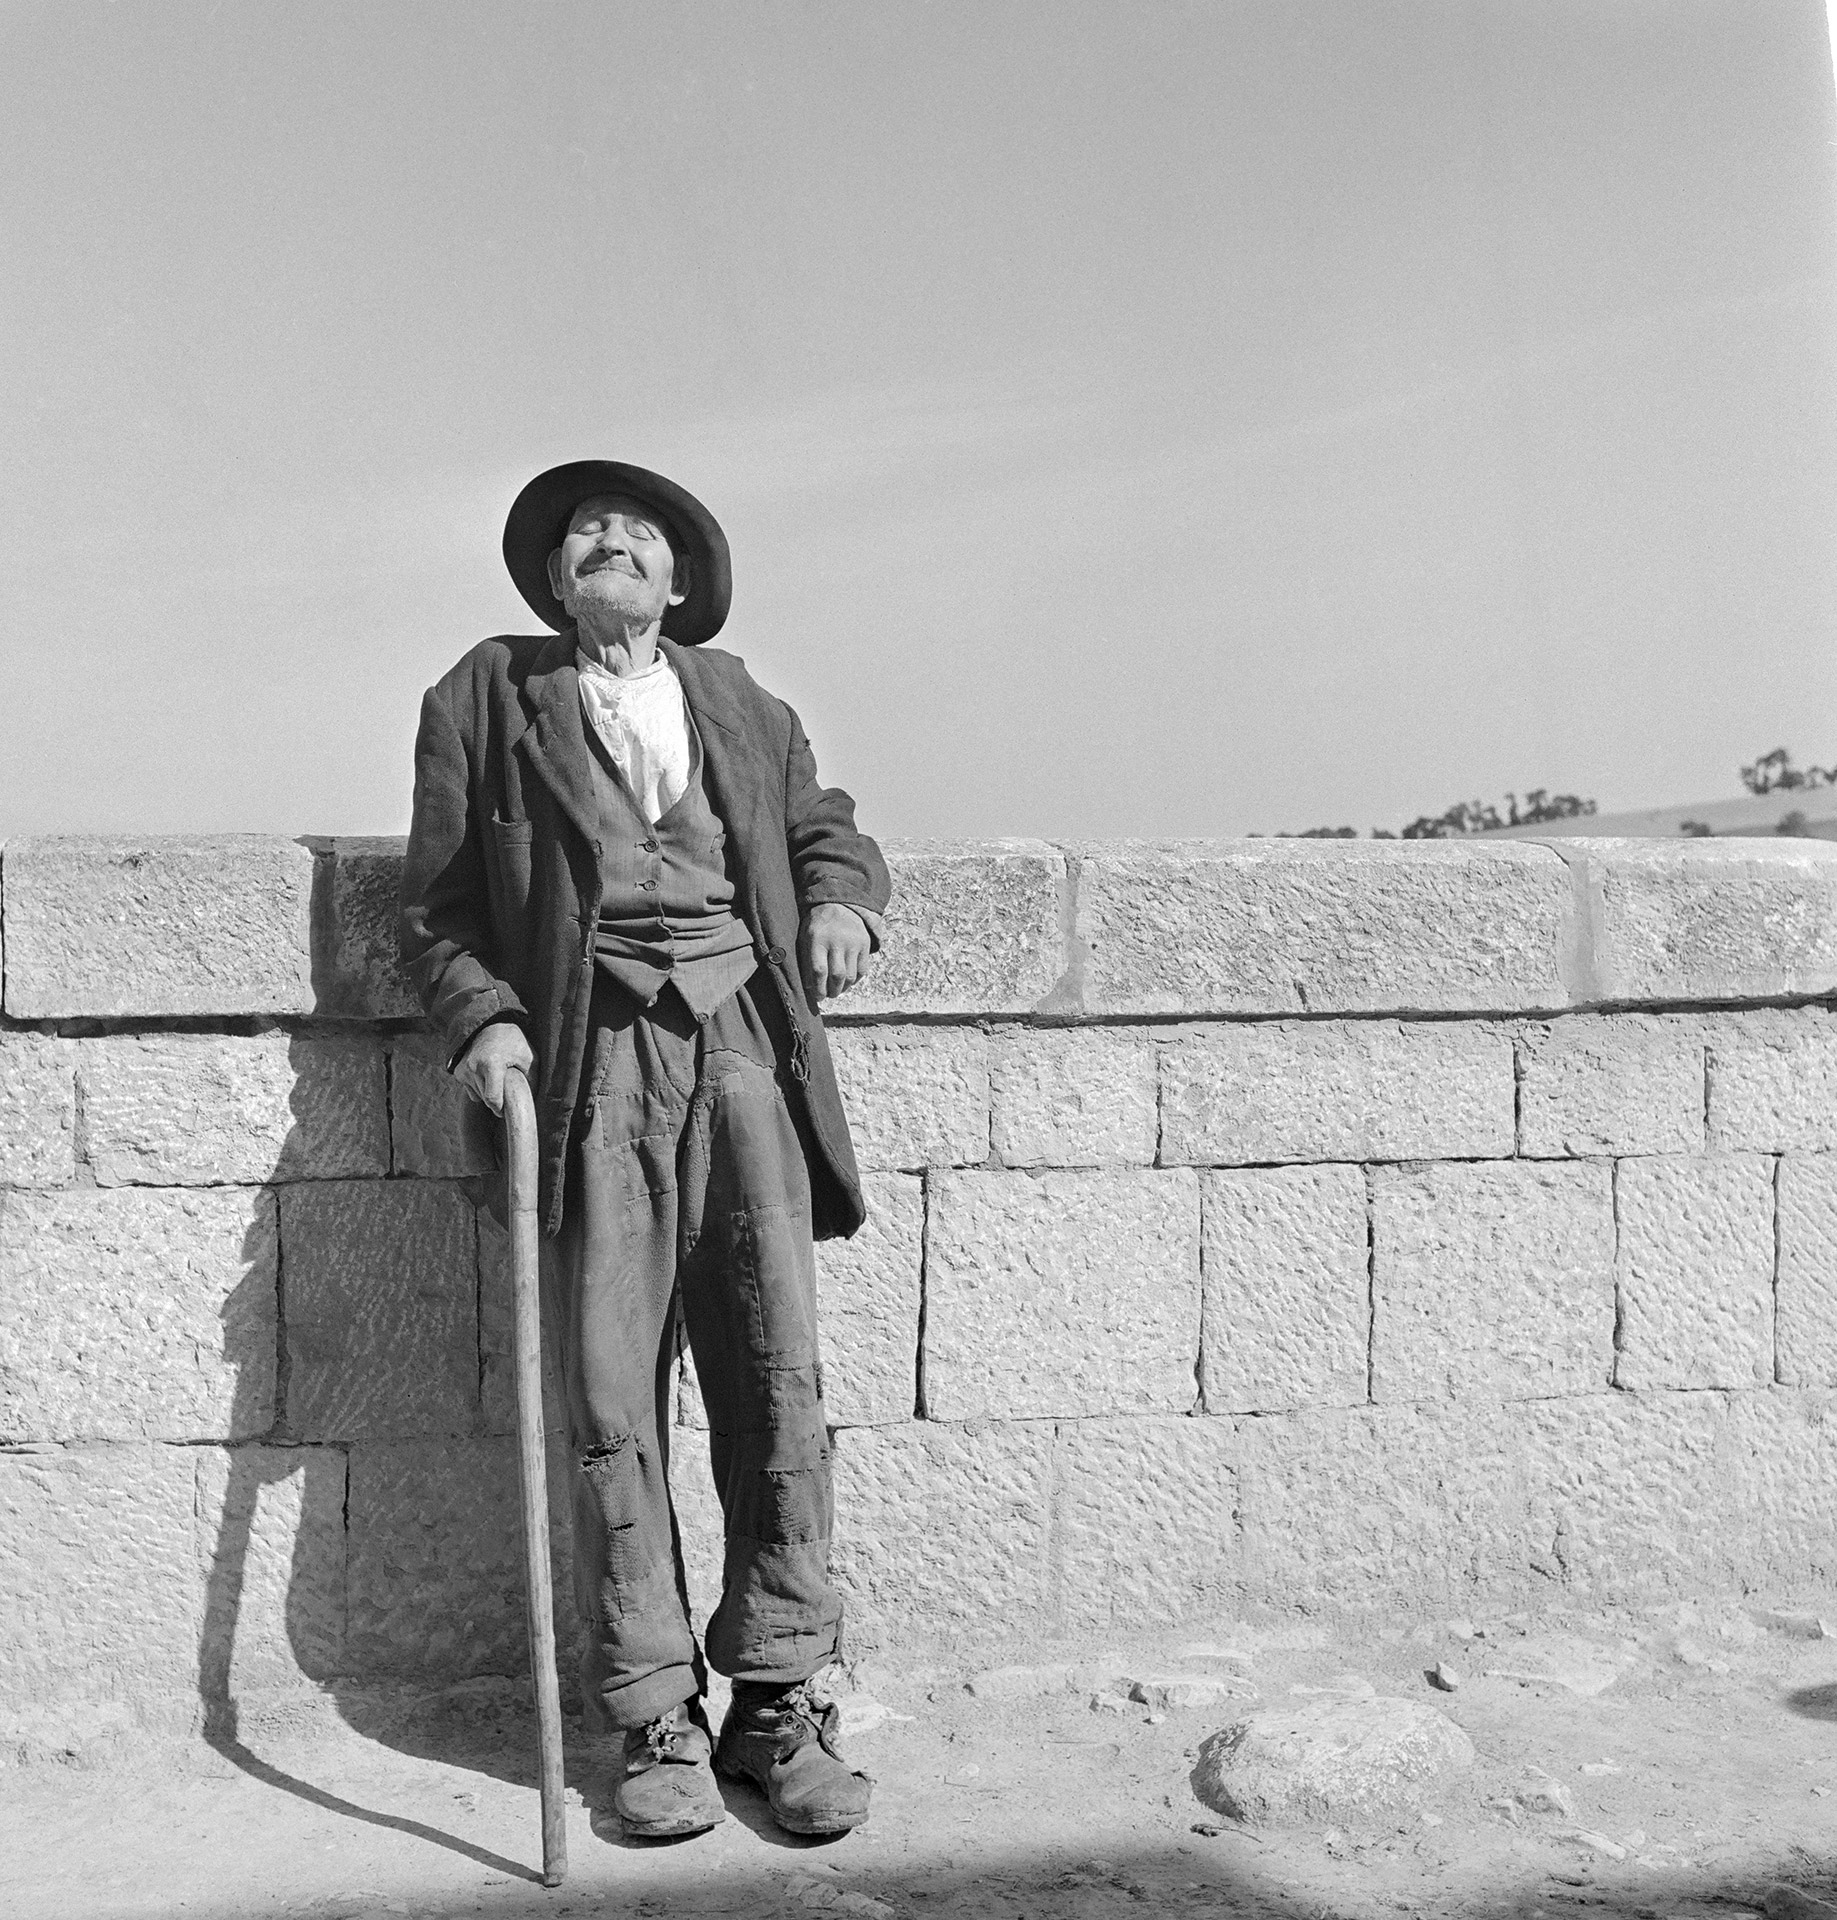 Bonafreno Man, Italy, 1946